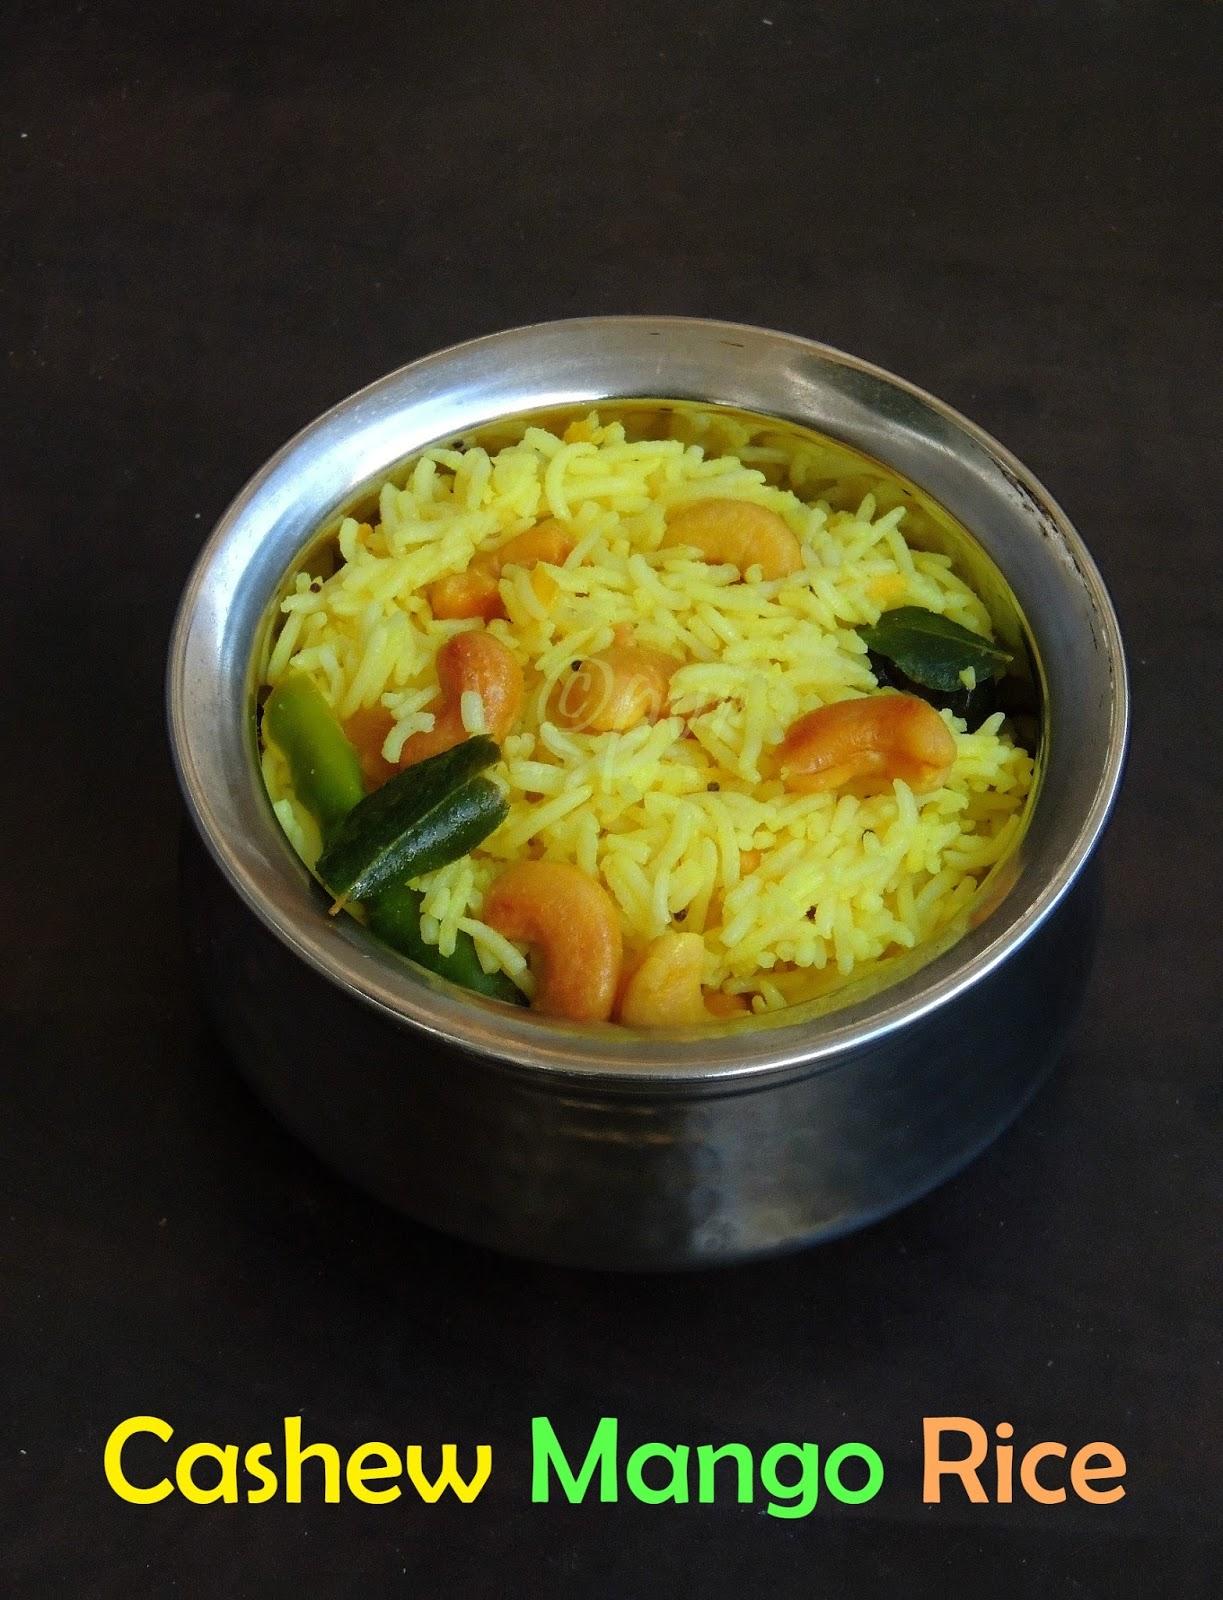 ... Recipes: Vegan Cashew Raw Mango Rice/ Munthiri Maanga Saadham